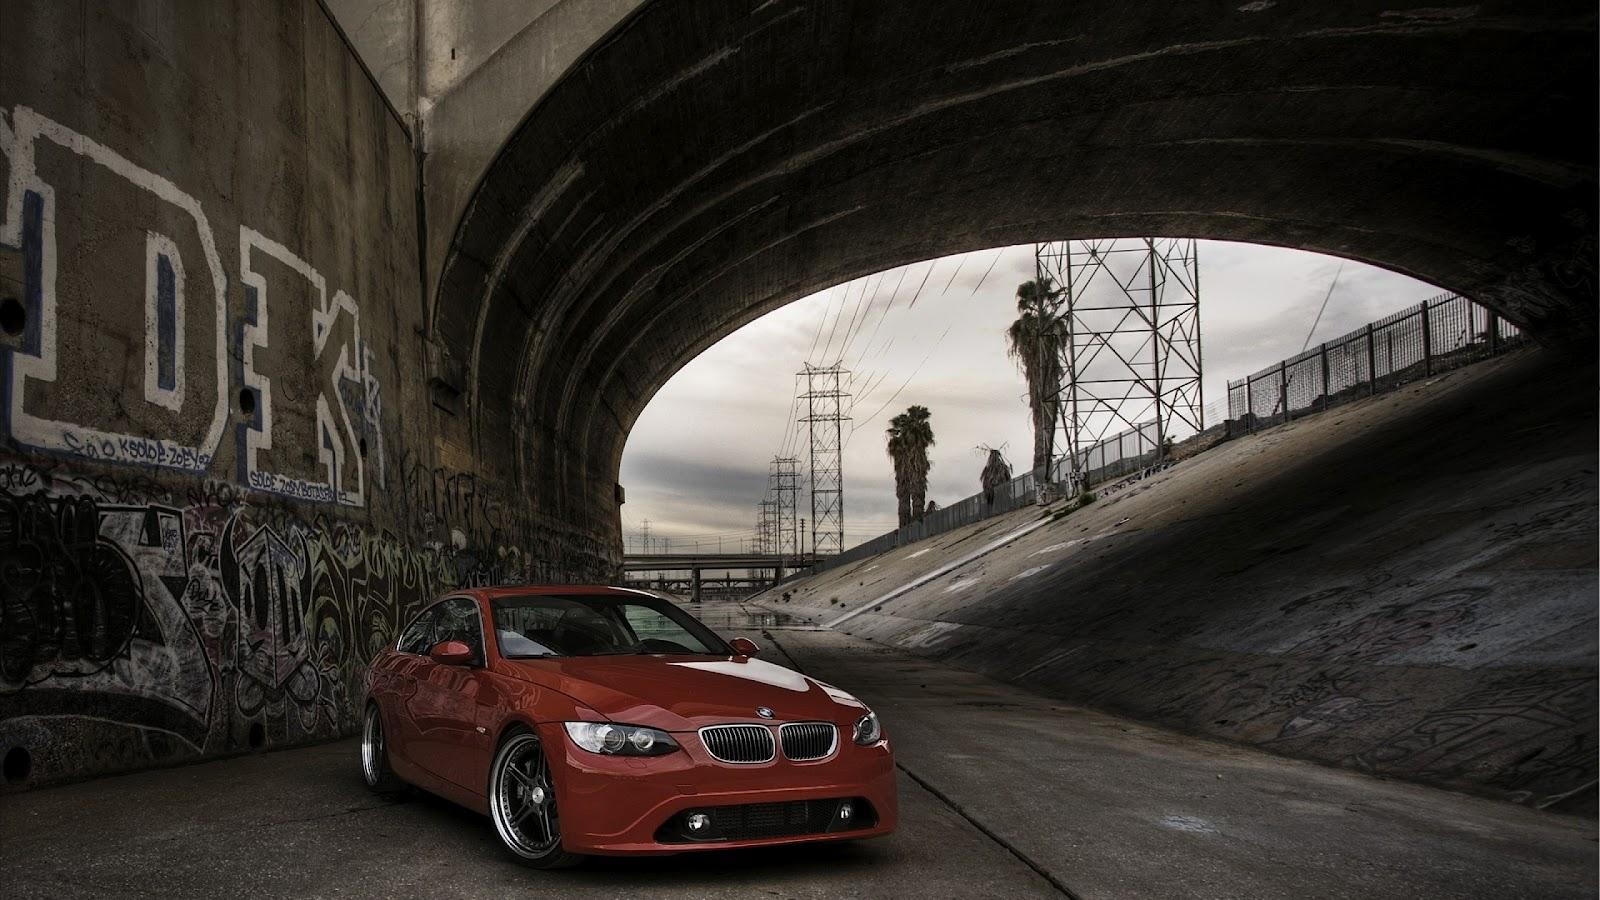 http://1.bp.blogspot.com/-svPVACZ21Kc/T9kOgXrko8I/AAAAAAAAC1k/oovCf0NNGx8/s1600/BMW-bmw-2560x1440.jpg